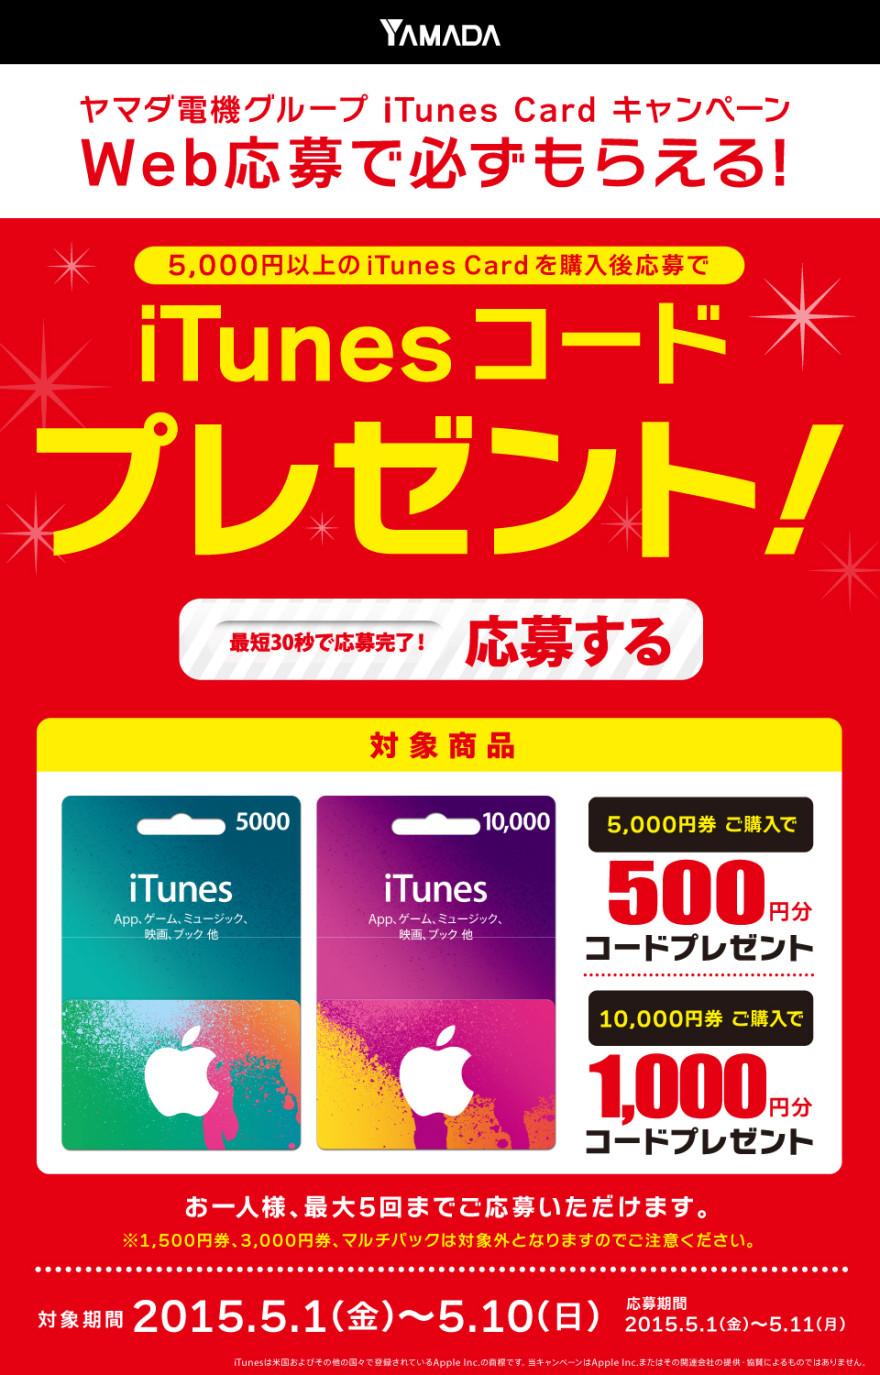 ヤマダ電機グループ iTunes Cardキャンペーンスタートのお知らせ